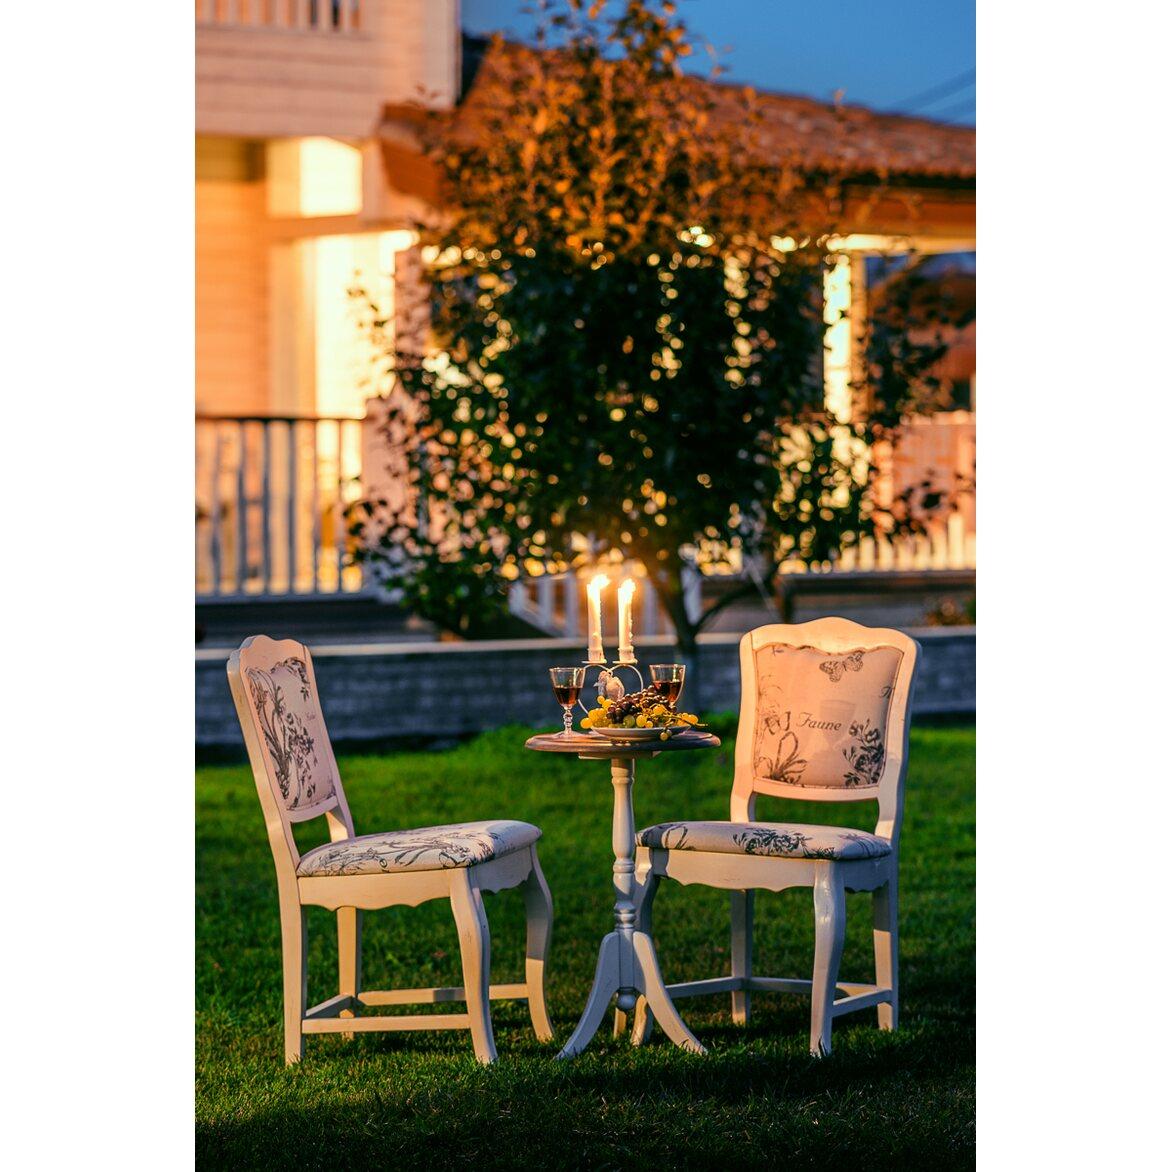 Стул Leontina с мягким сиденьем, бежевого цвета 5 | Обеденные стулья Kingsby